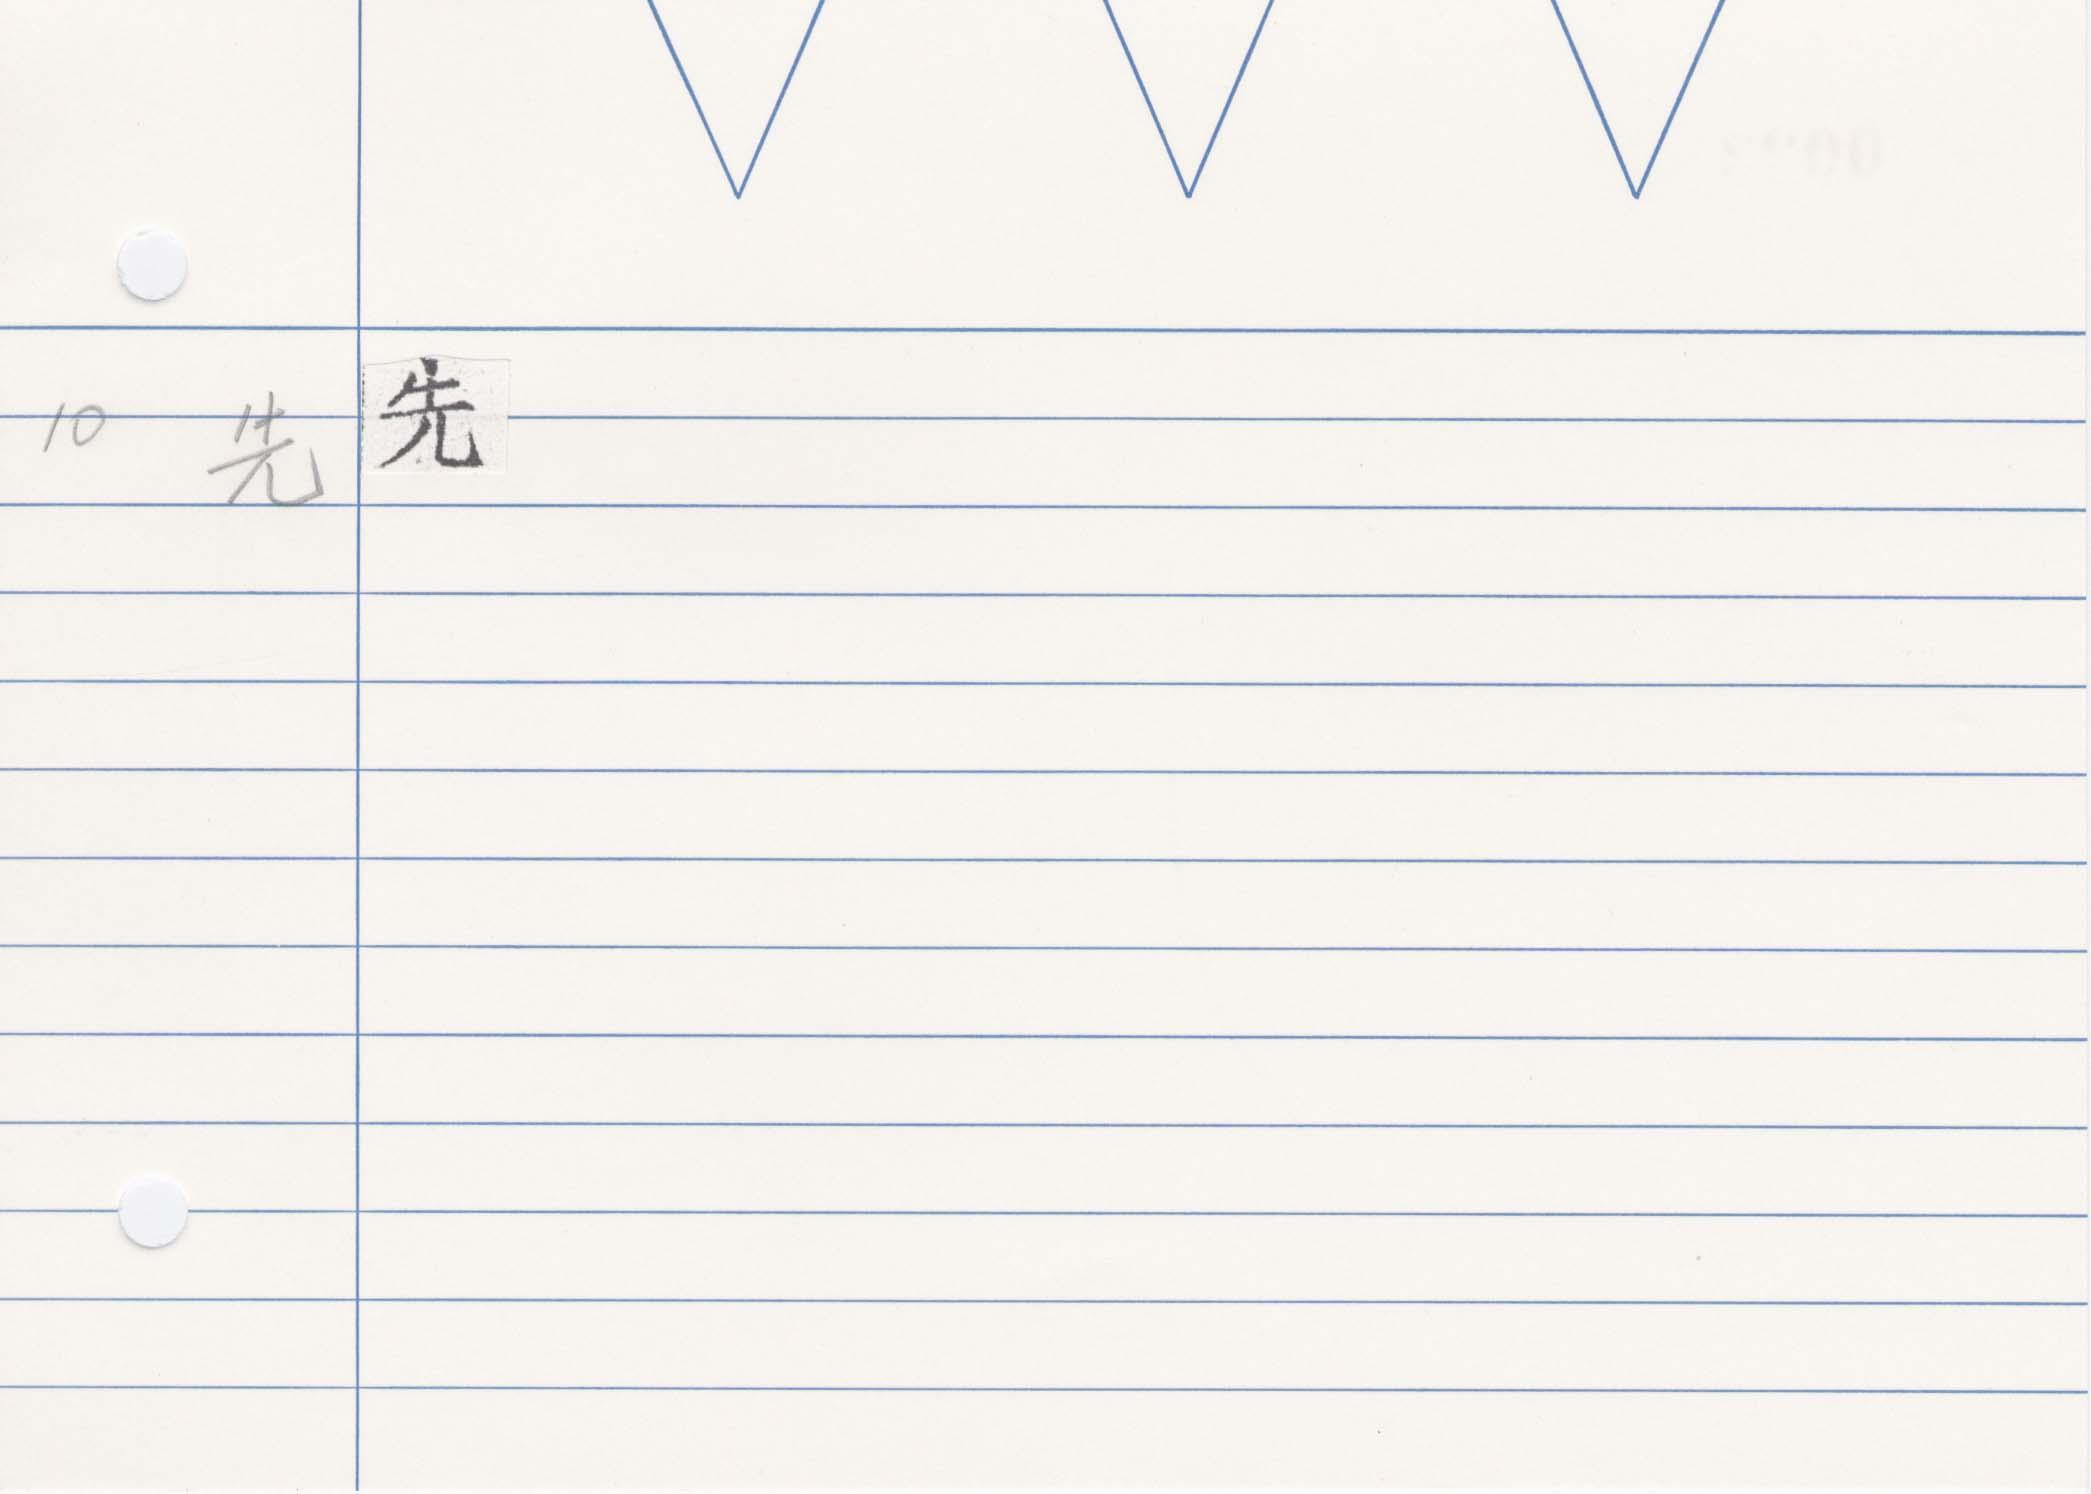 26_齊民要術卷五(高山寺本)/cards/0022.jpg